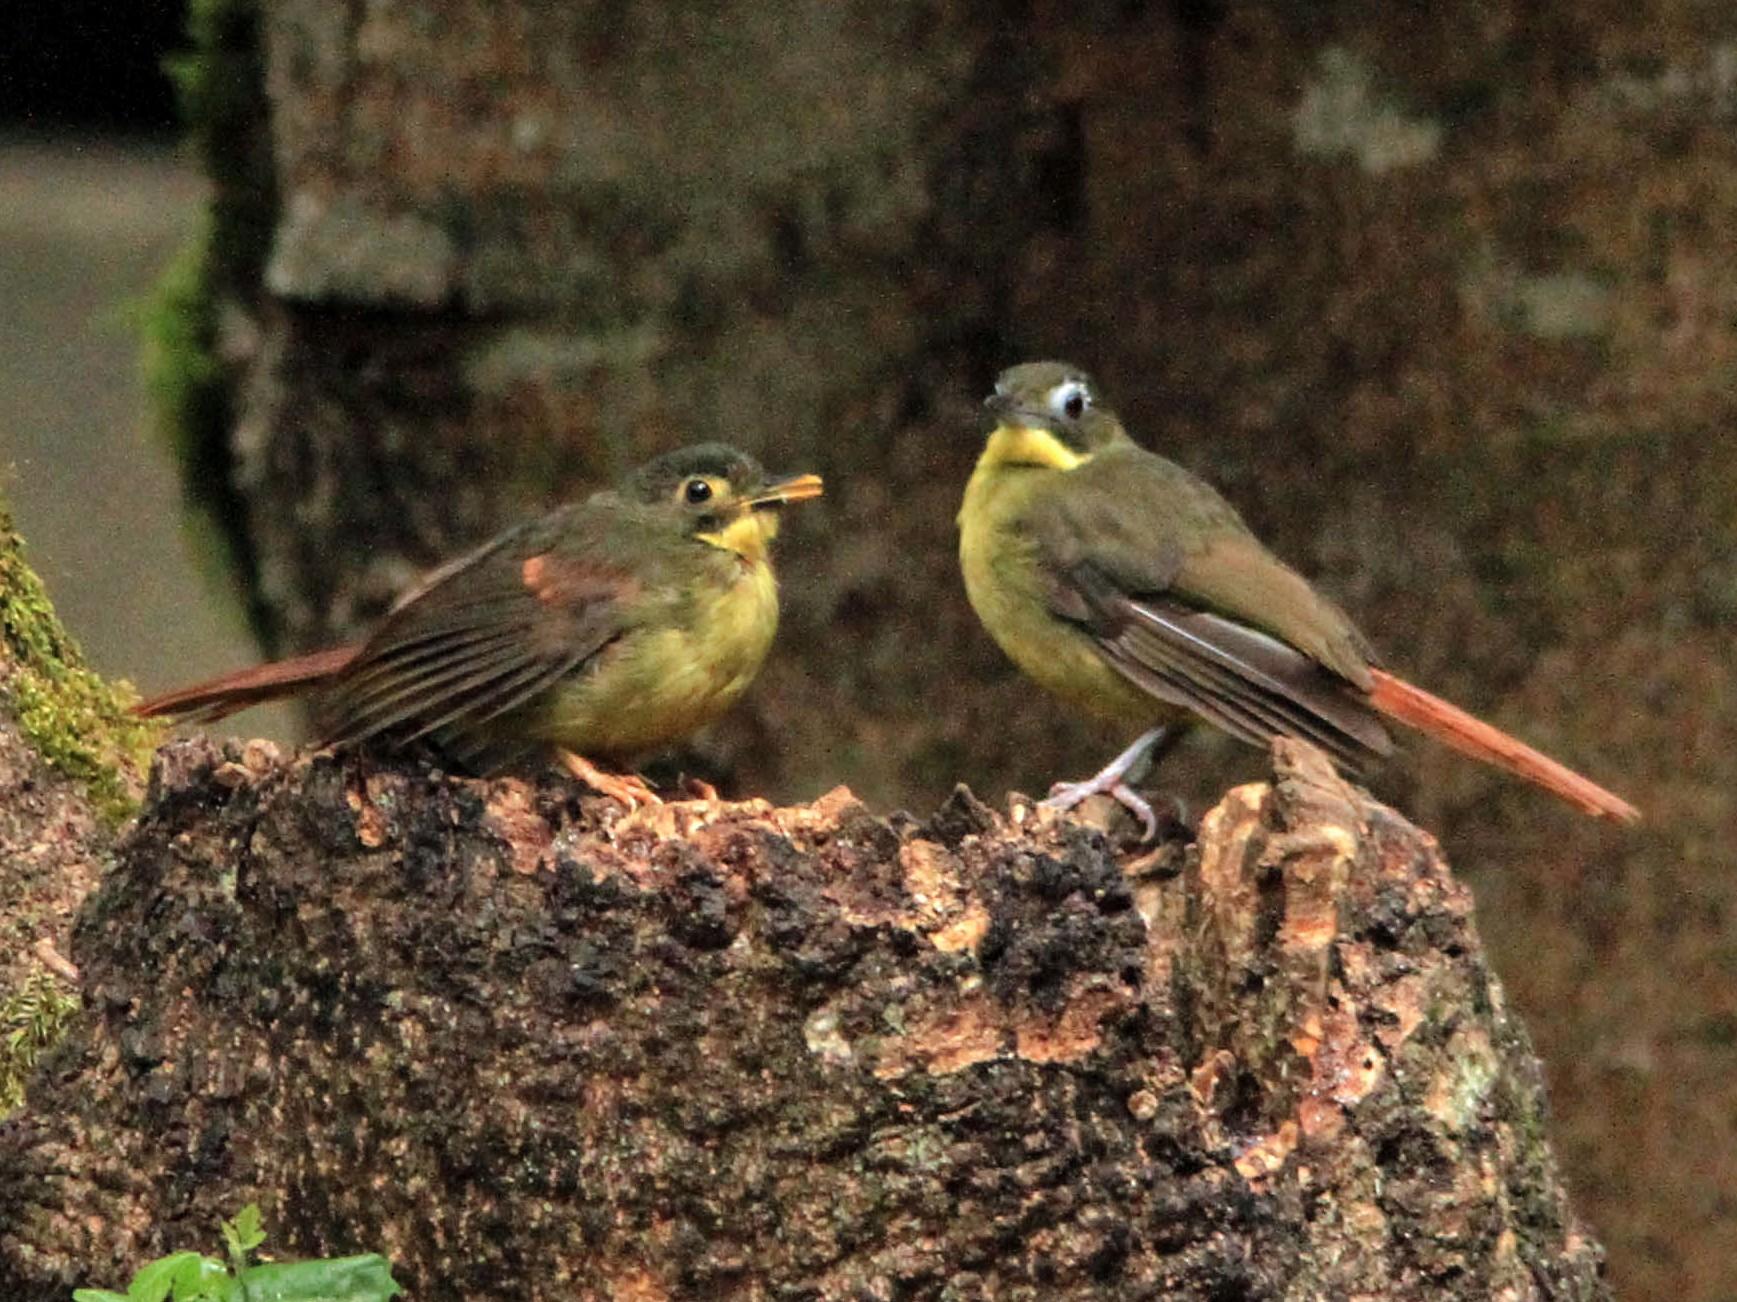 Red-tailed Bristlebill - Jeffery Sole